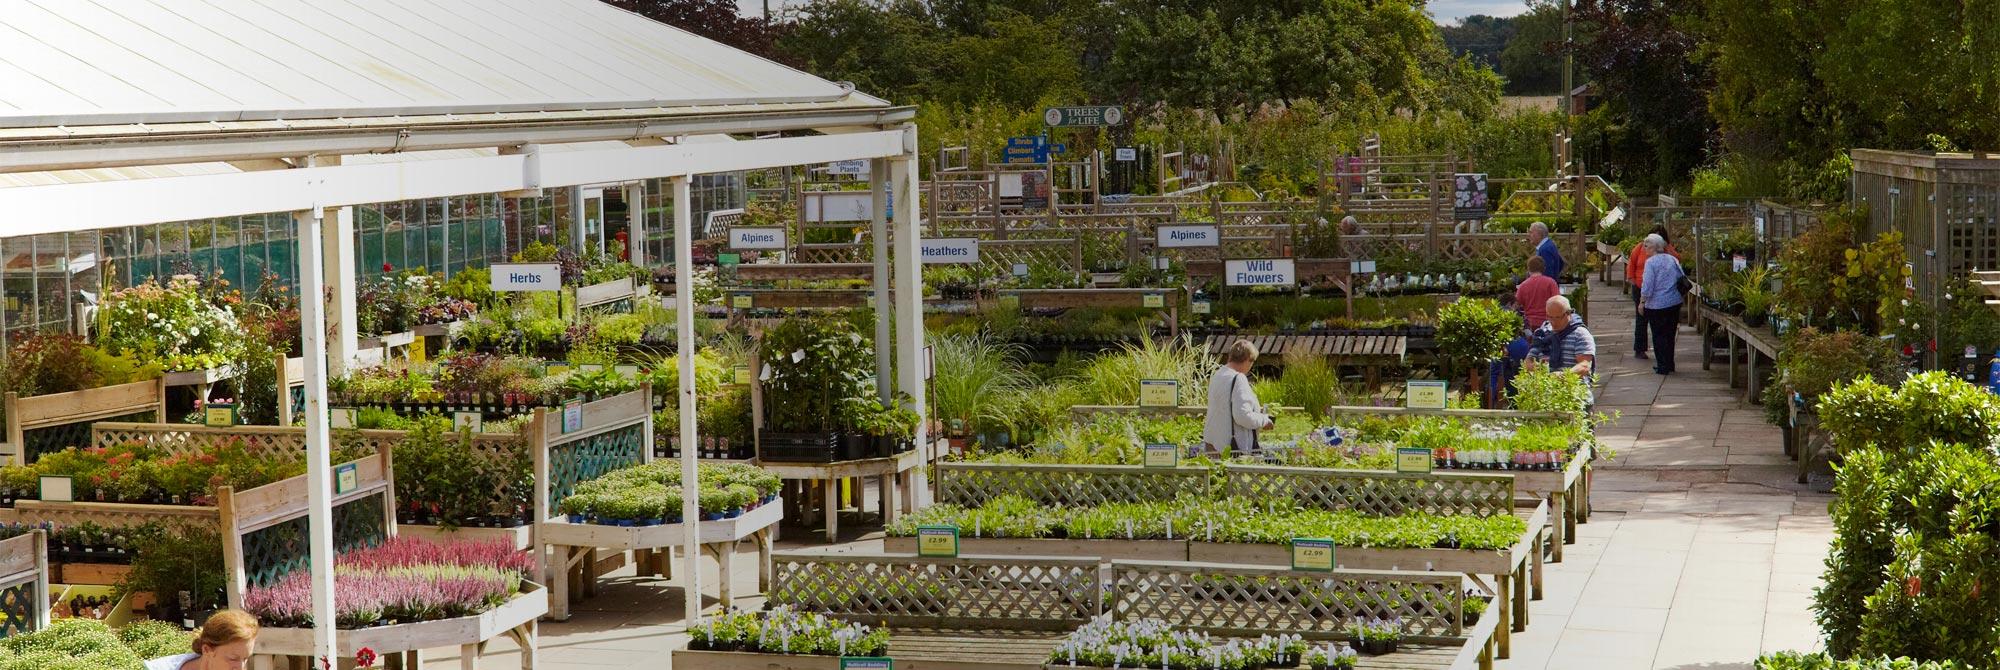 York Garden Centre - Dean\'s Garden Centre